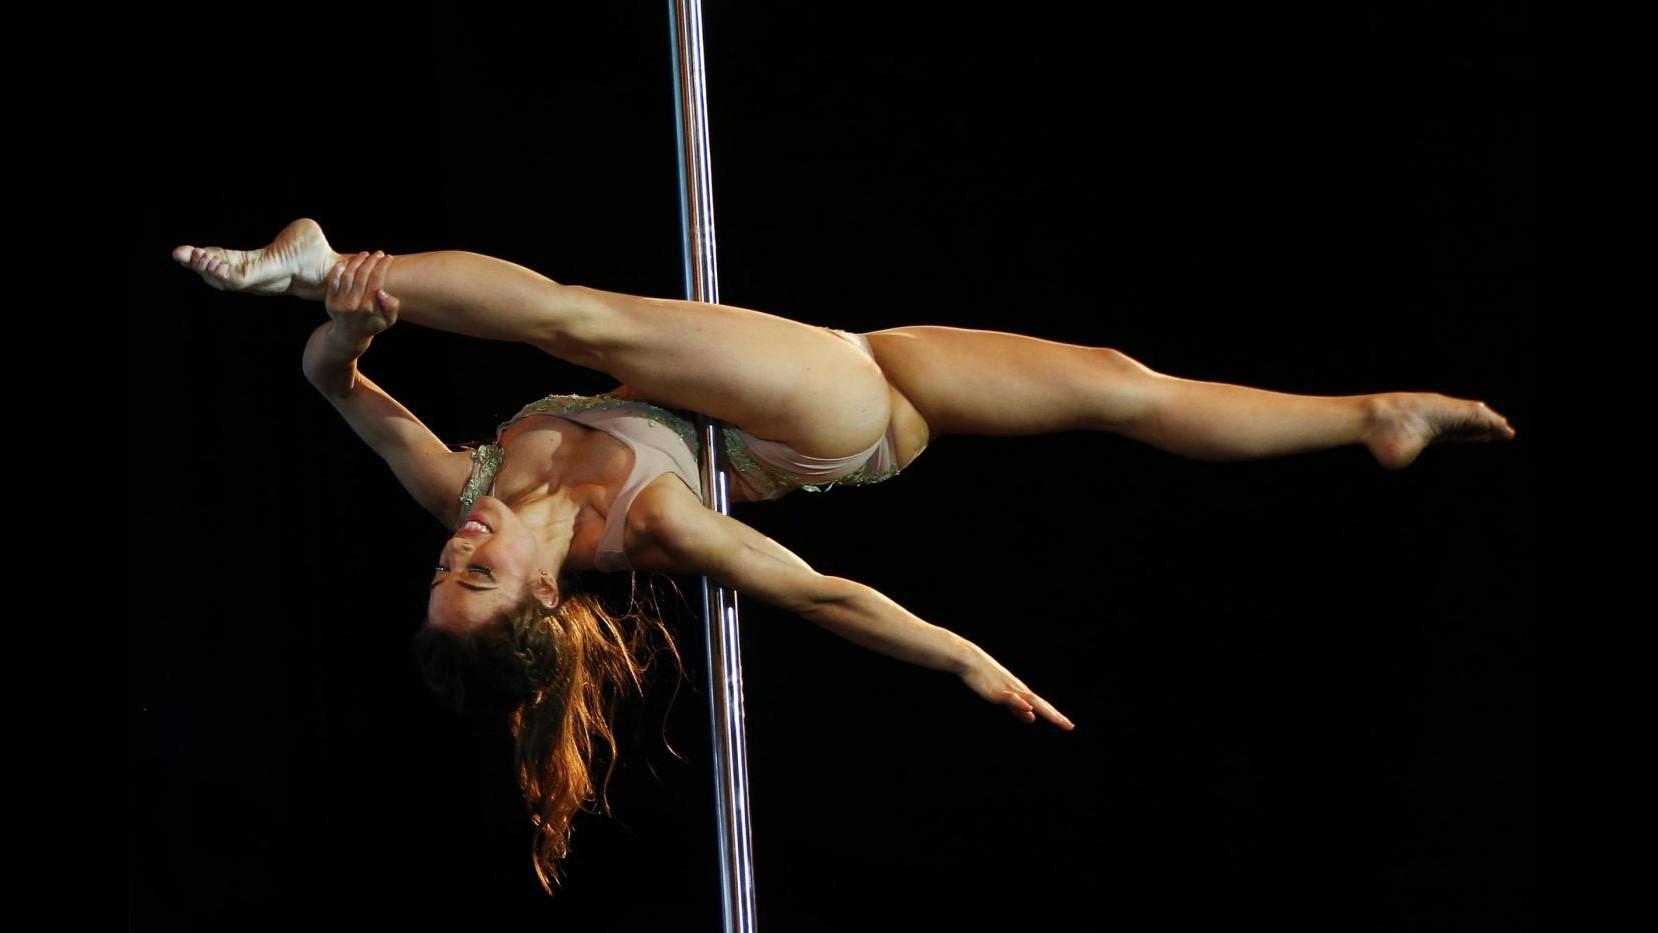 Argentina, al via i campionati di pole dance sudamericani 2013